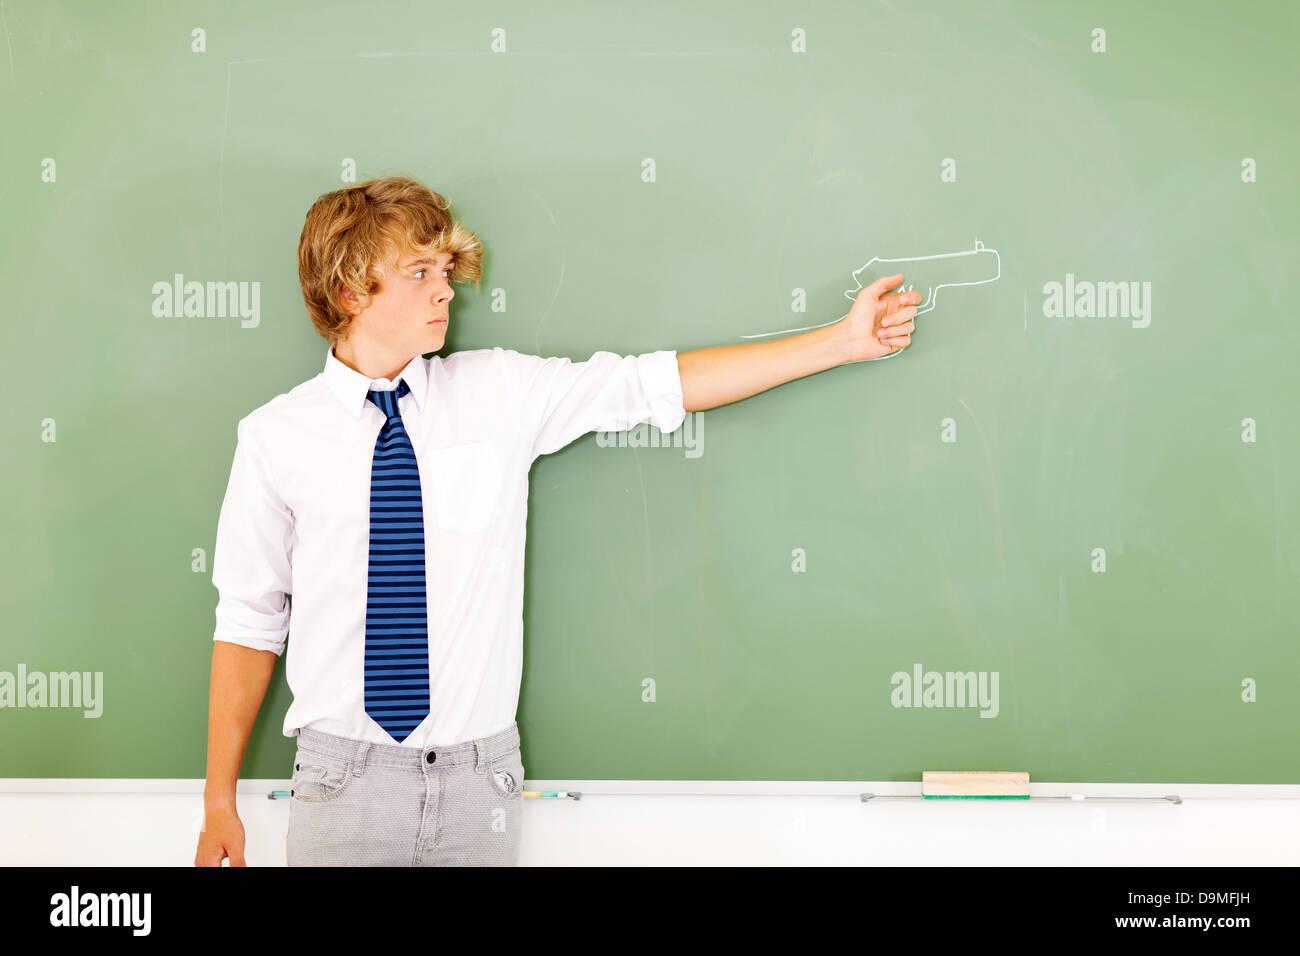 Lycéen violent tenant un pistolet tiré on chalkboard Photo Stock